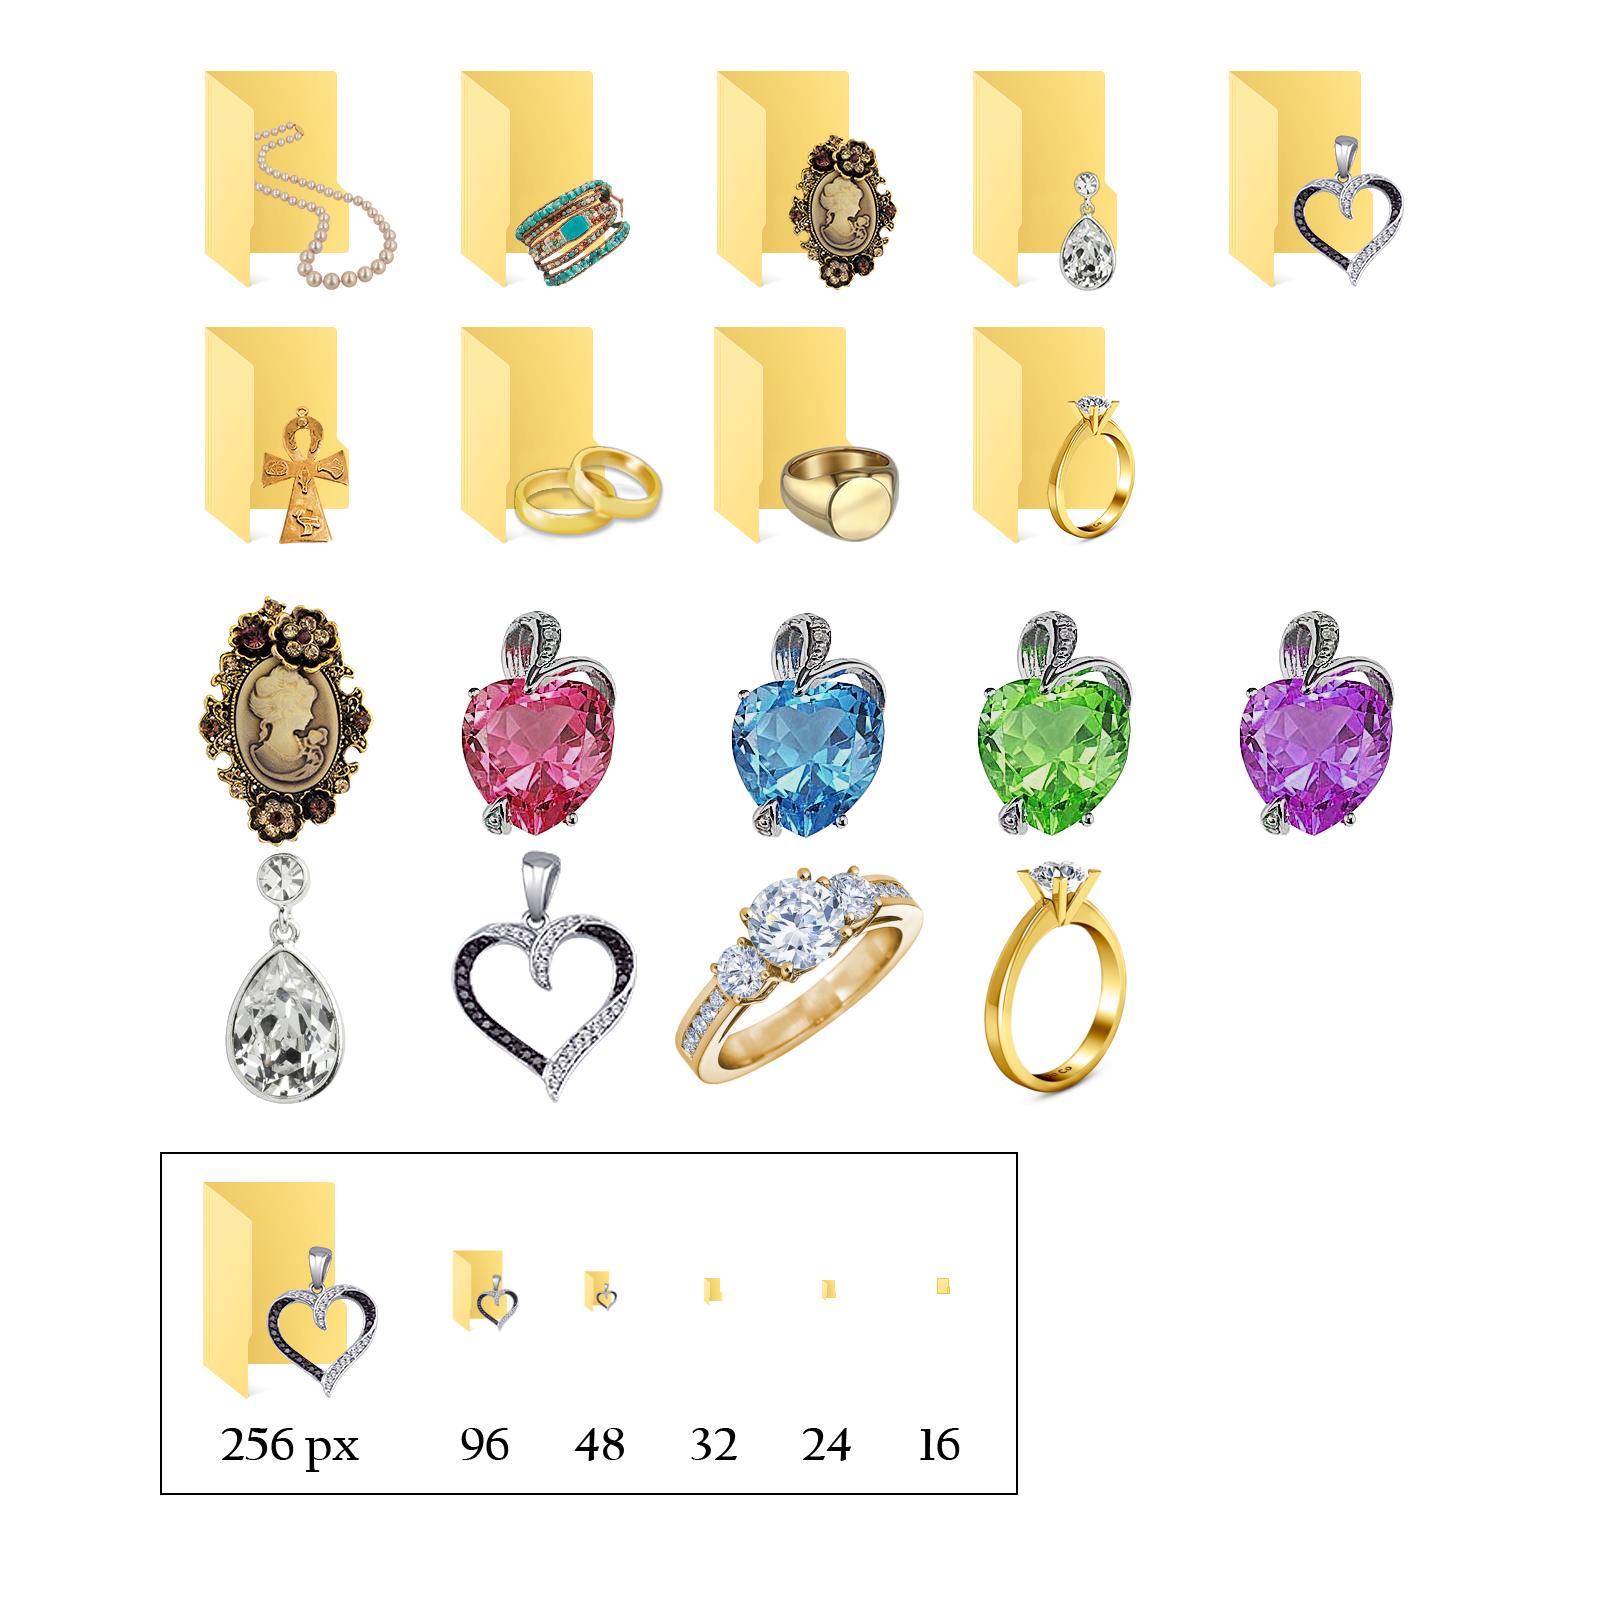 Jewelry Icons for Windows 10 by JeremyMallin